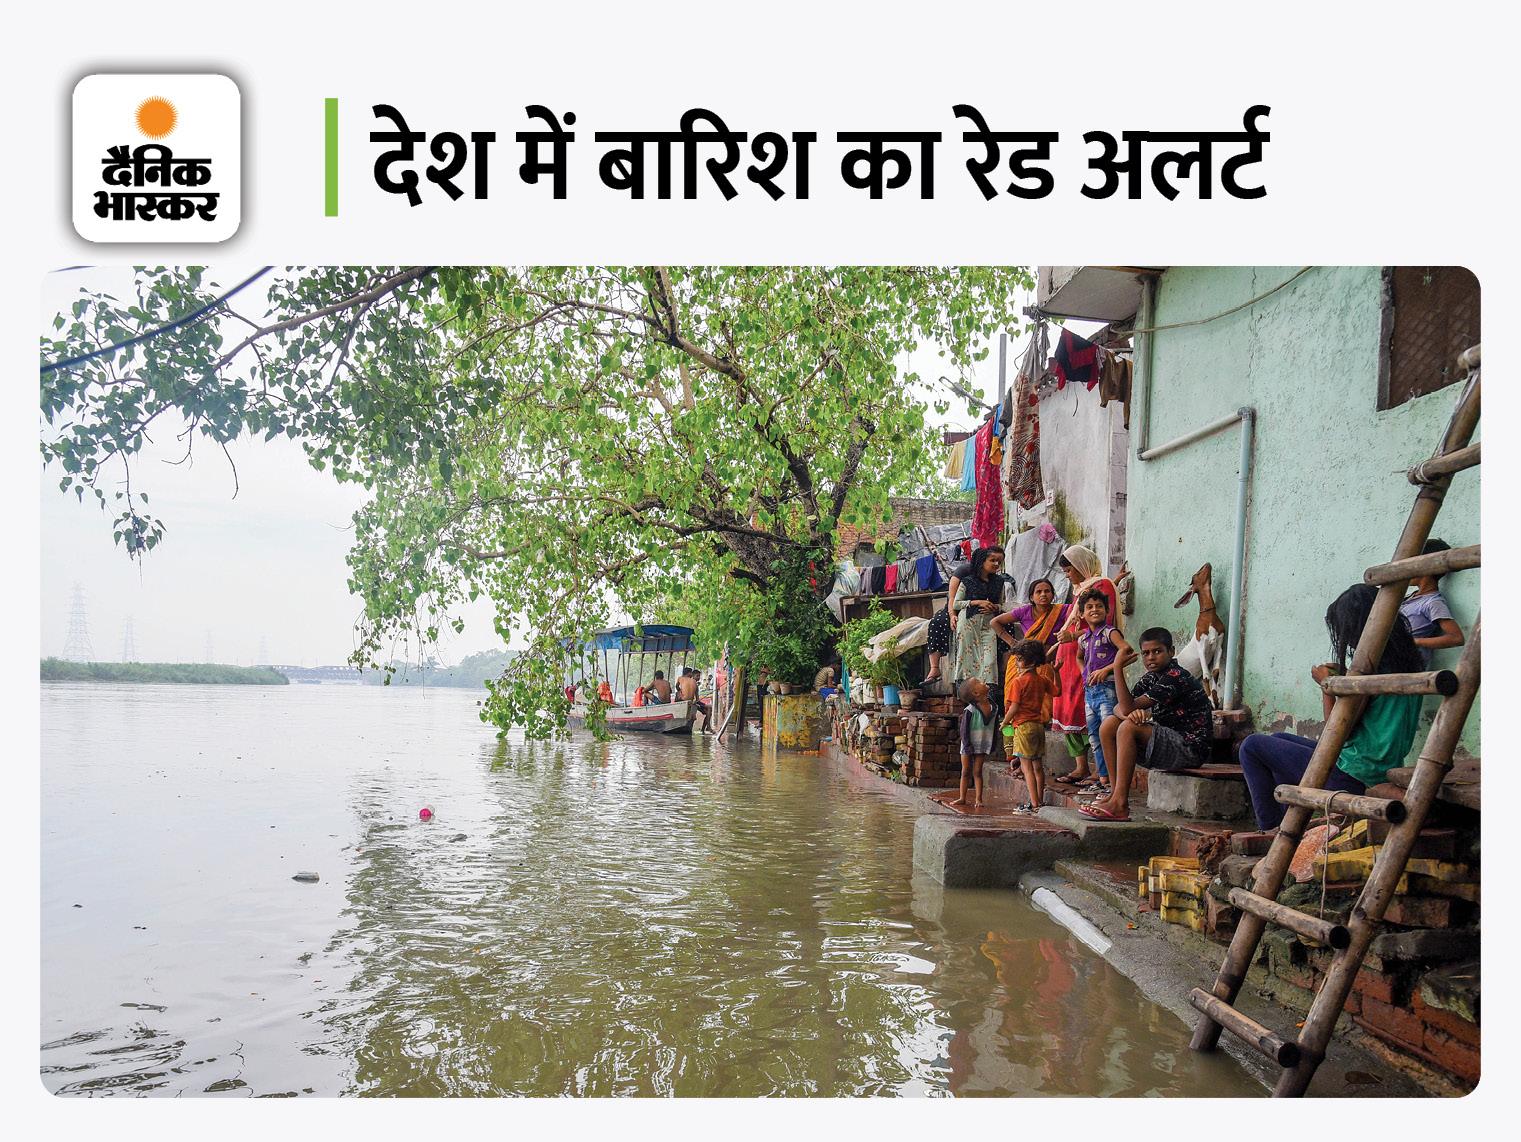 दिल्ली-NCR में यमुना नदी का पानी कई घरों तक पहुंच गया है। लोग बाढ़ की आशंका से परेशान हैं।